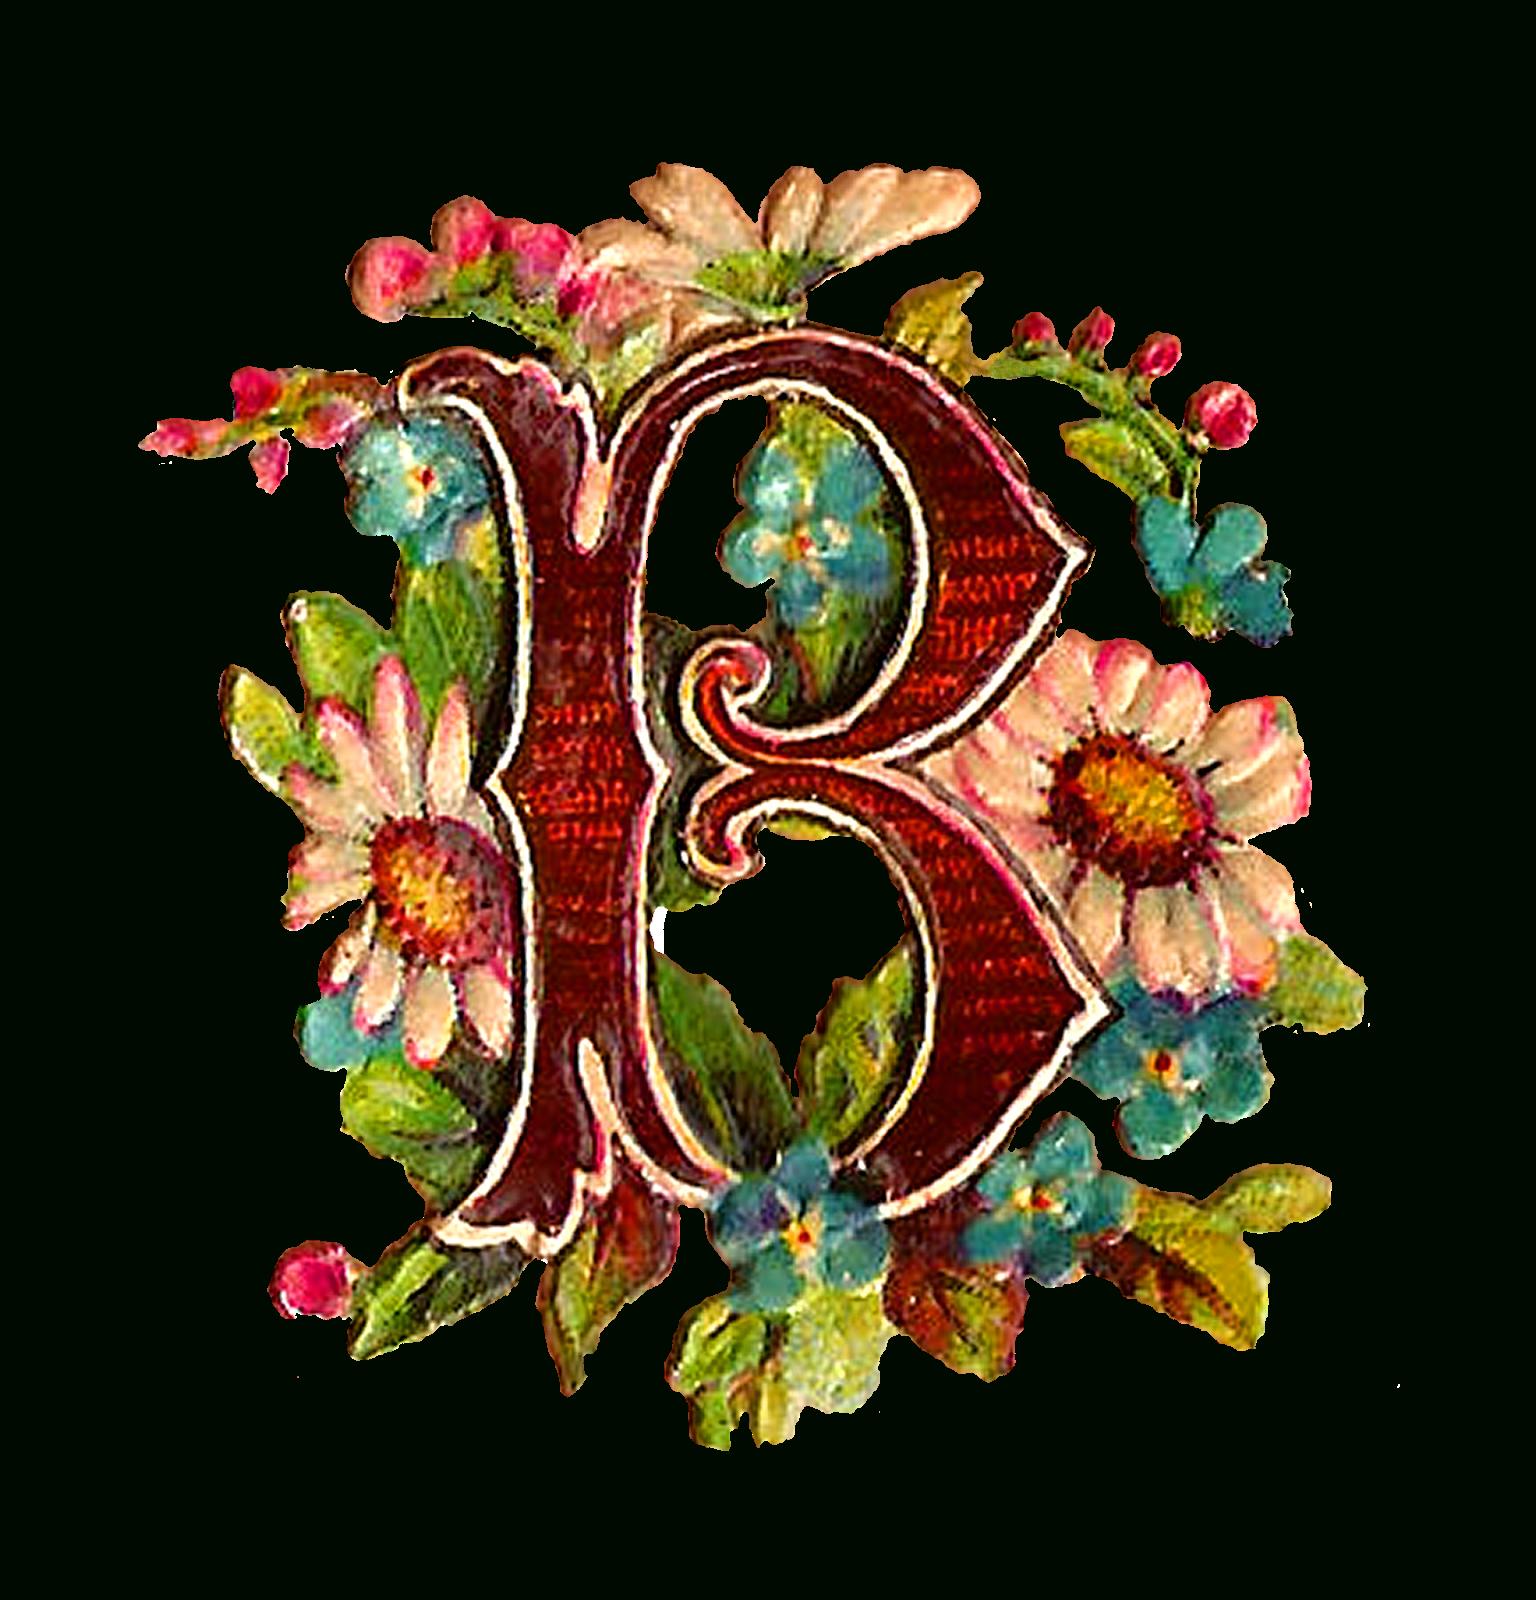 Antique Images: Free Antique Drop Cap Letter Clipart Floral Daisy - Free Printable Flower Letters